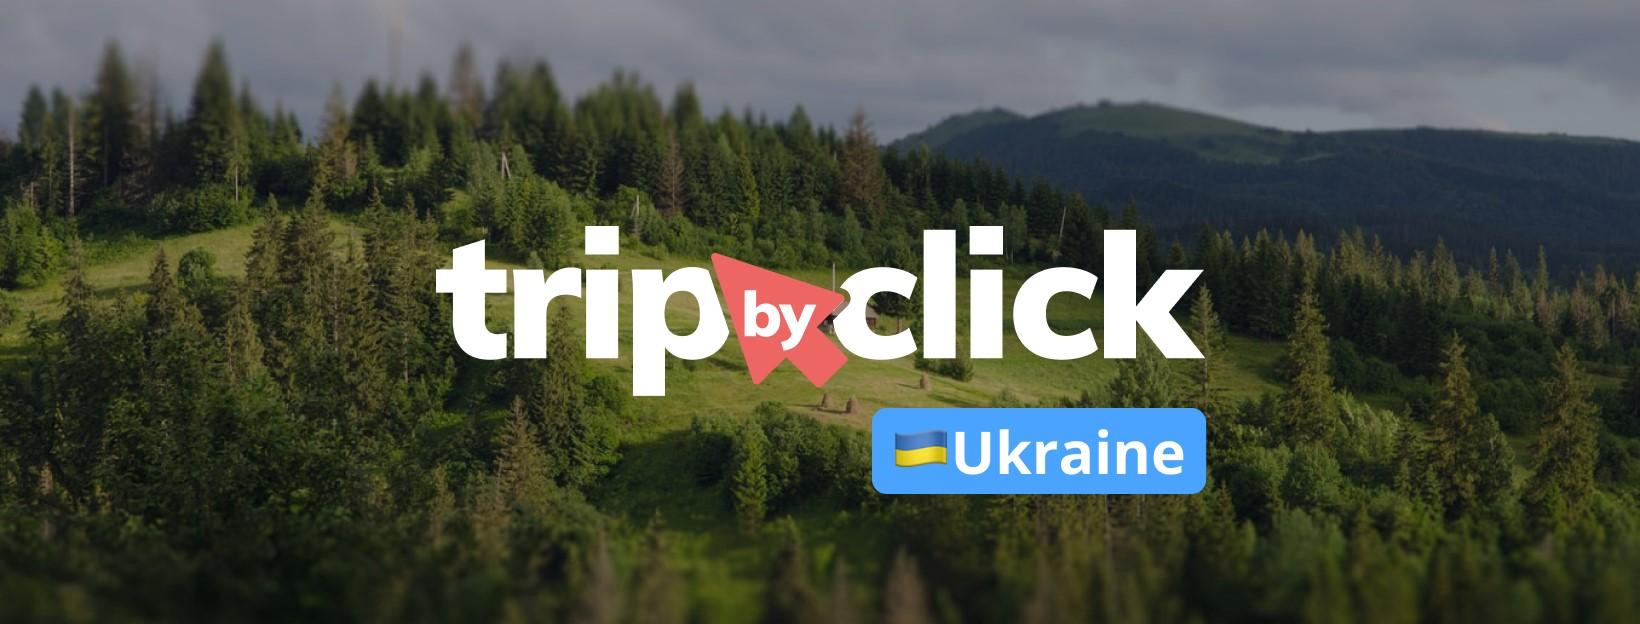 Унікальний сервіс для любителів подорожей TripByClick